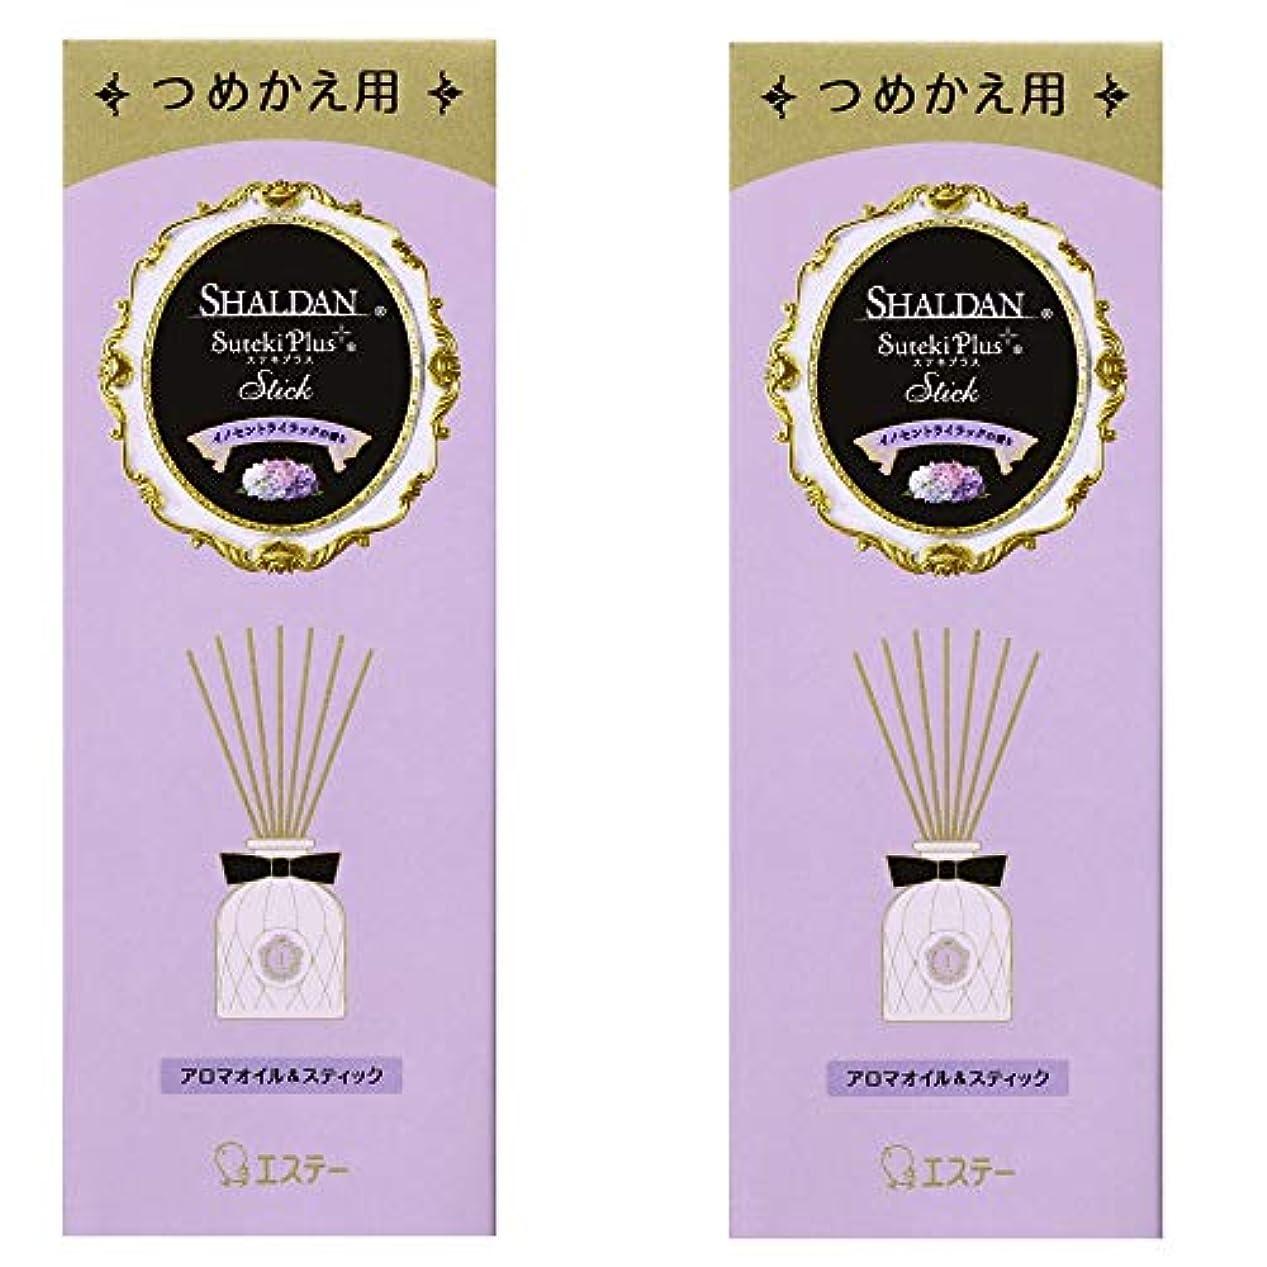 病な地中海ラベンダー【まとめ買い】 シャルダン SHALDAN ステキプラス スティック 消臭芳香剤 部屋用 つめかえ イノセントライラックの香り 45ml×2個